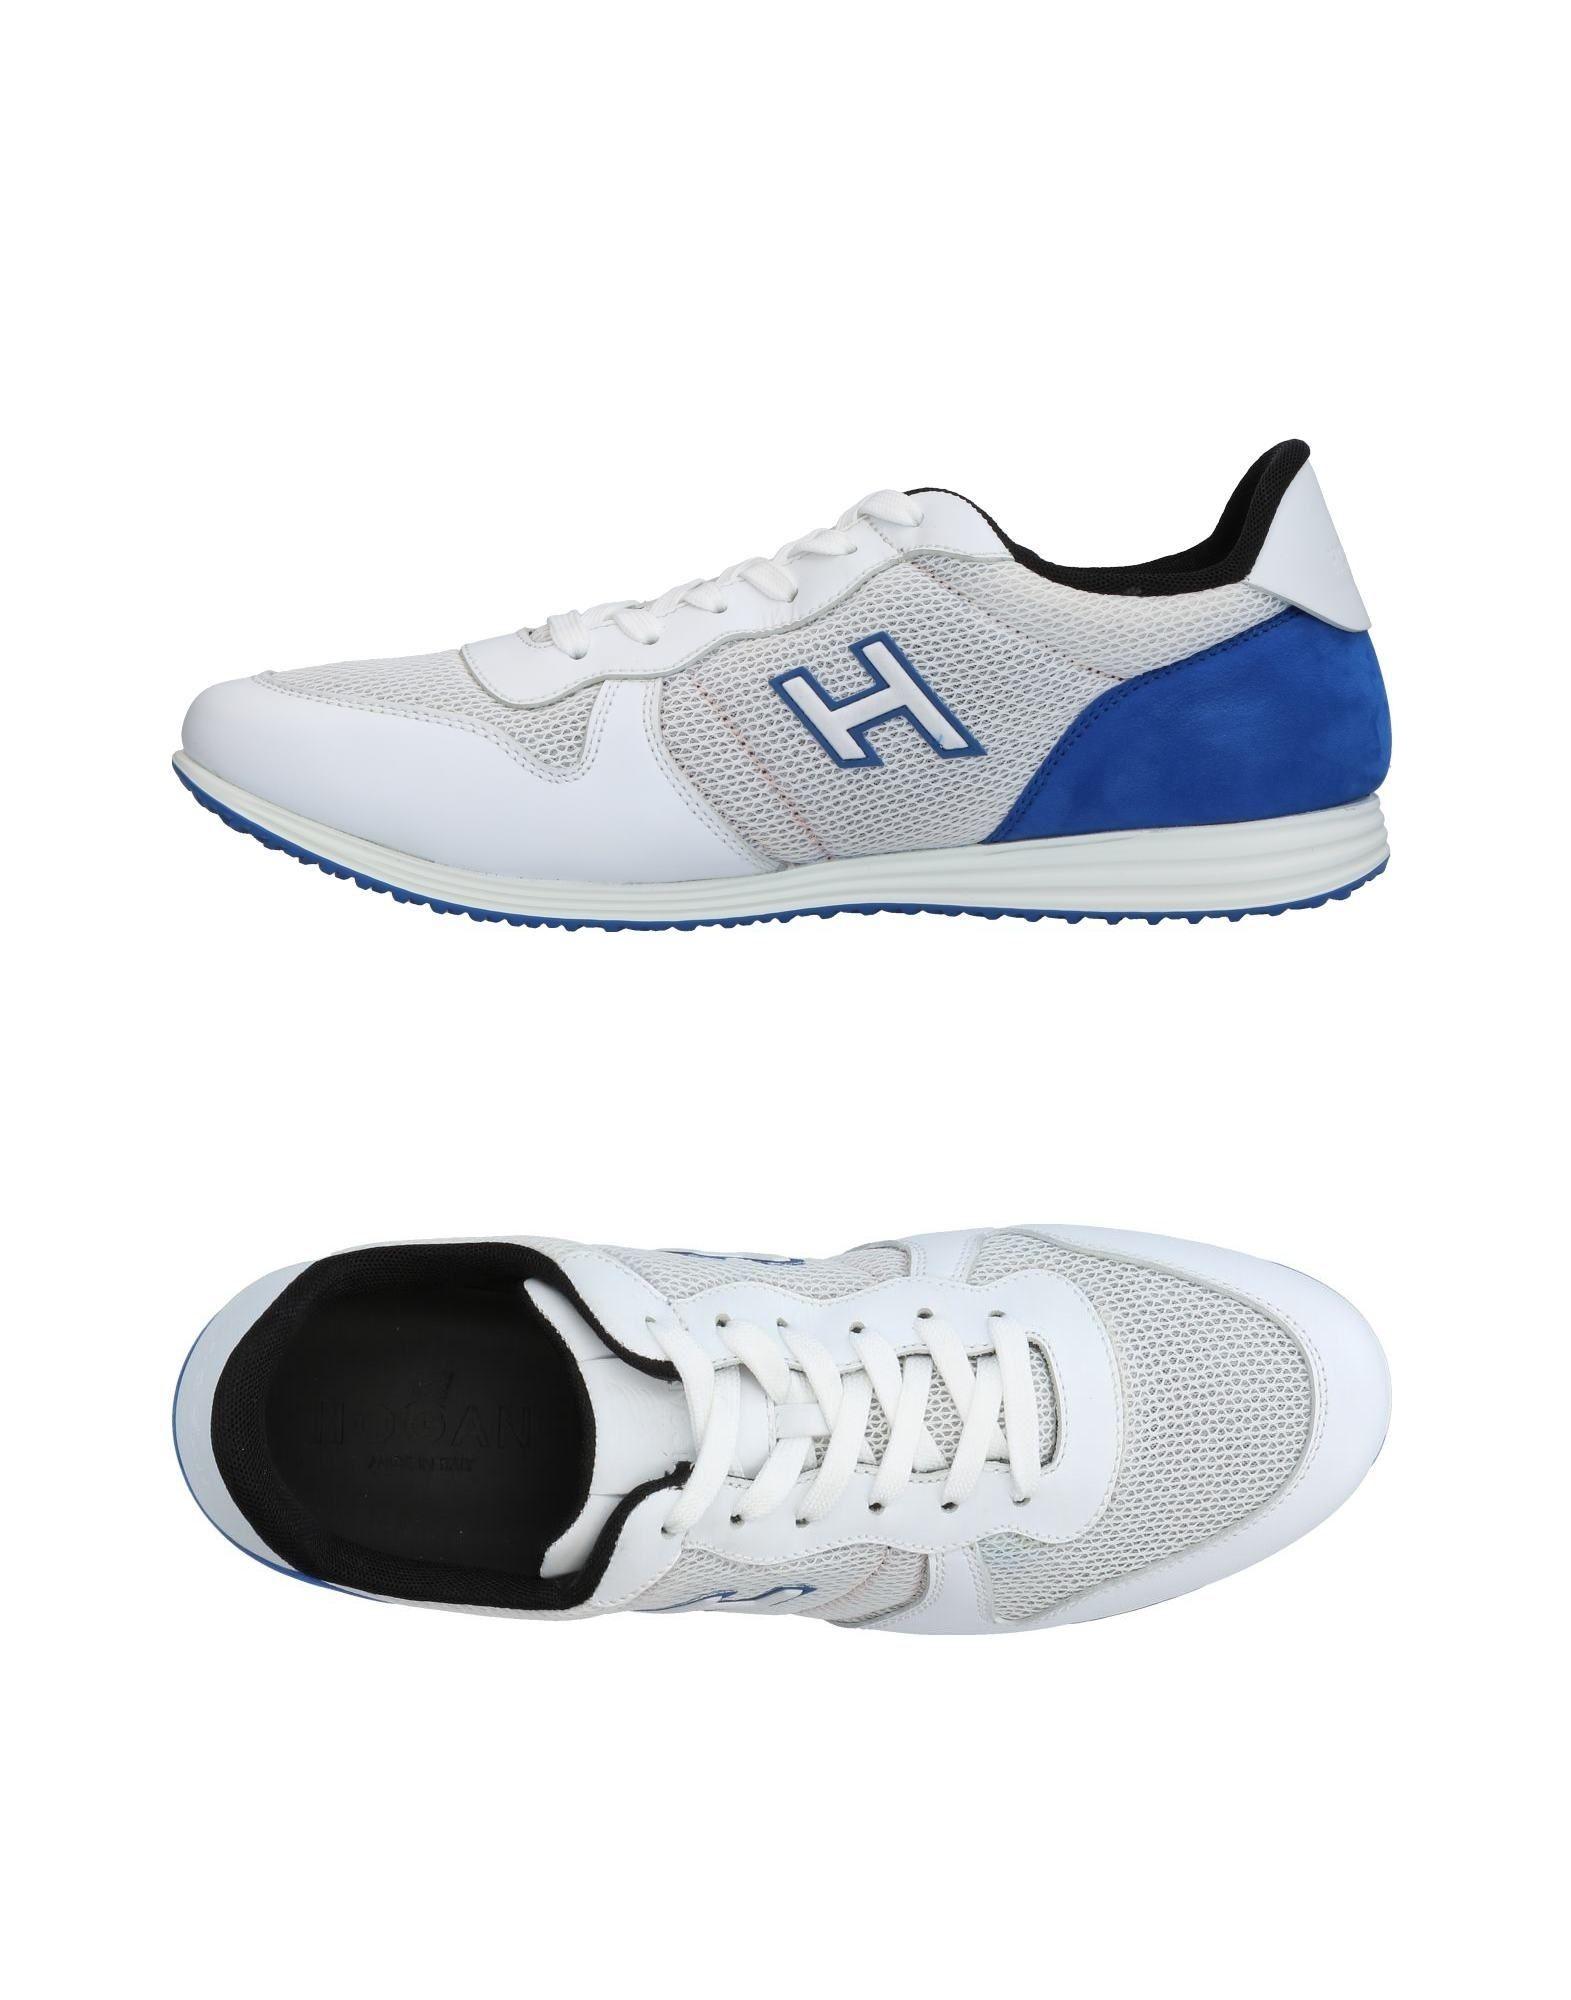 Hogan Sneakers Herren  11349556XW Gute Qualität beliebte Schuhe